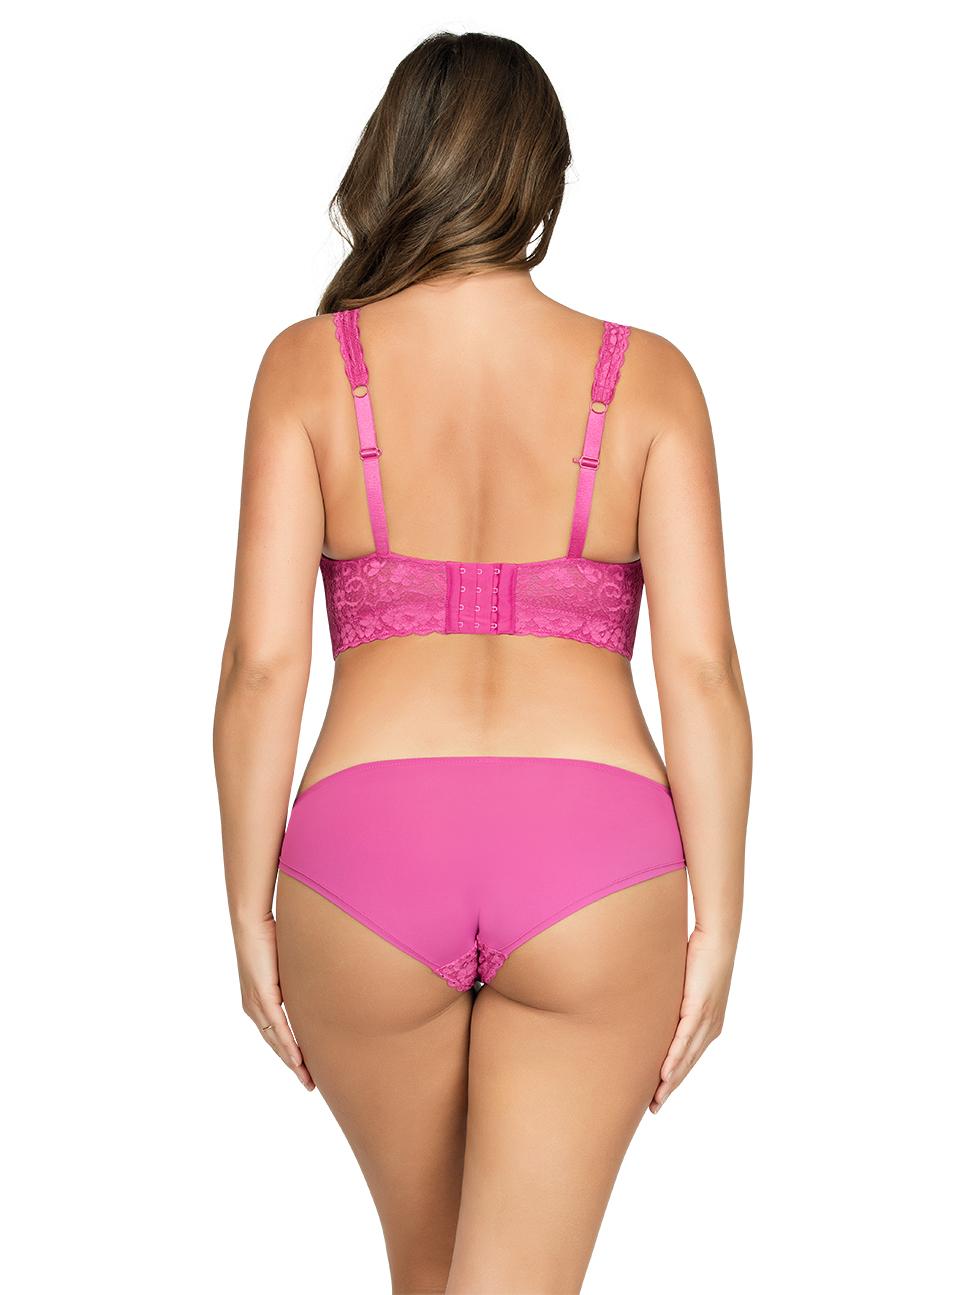 PARFAIT Adriana LaceBraletteP5482 BikiniP5483 Raspberry Back - Adriana Bikini - Raspberry - P5483